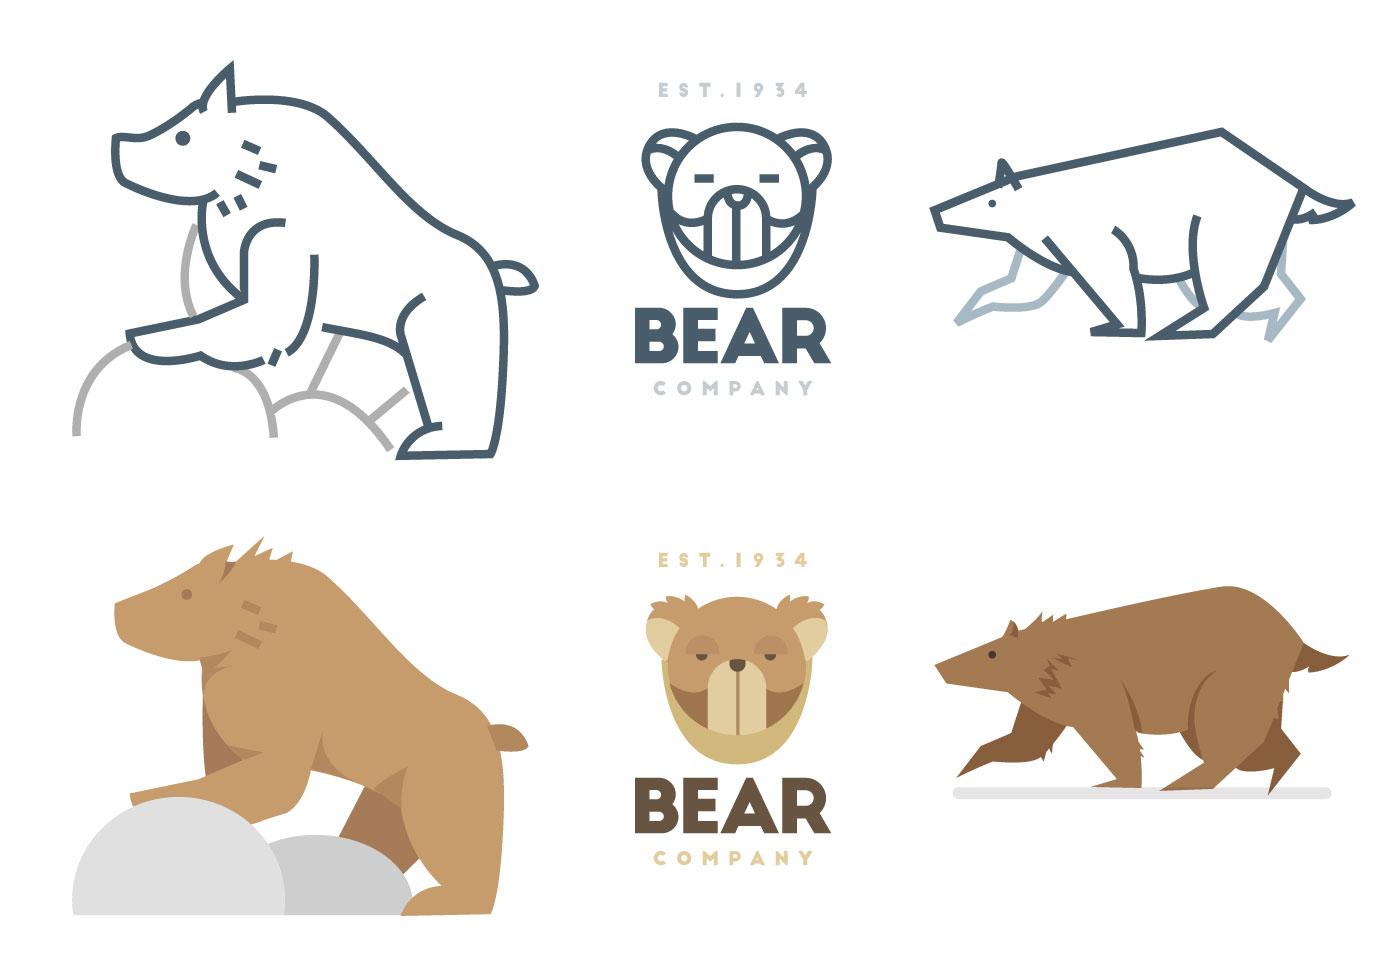 熊圖案 免費下載 | 天天瘋後製